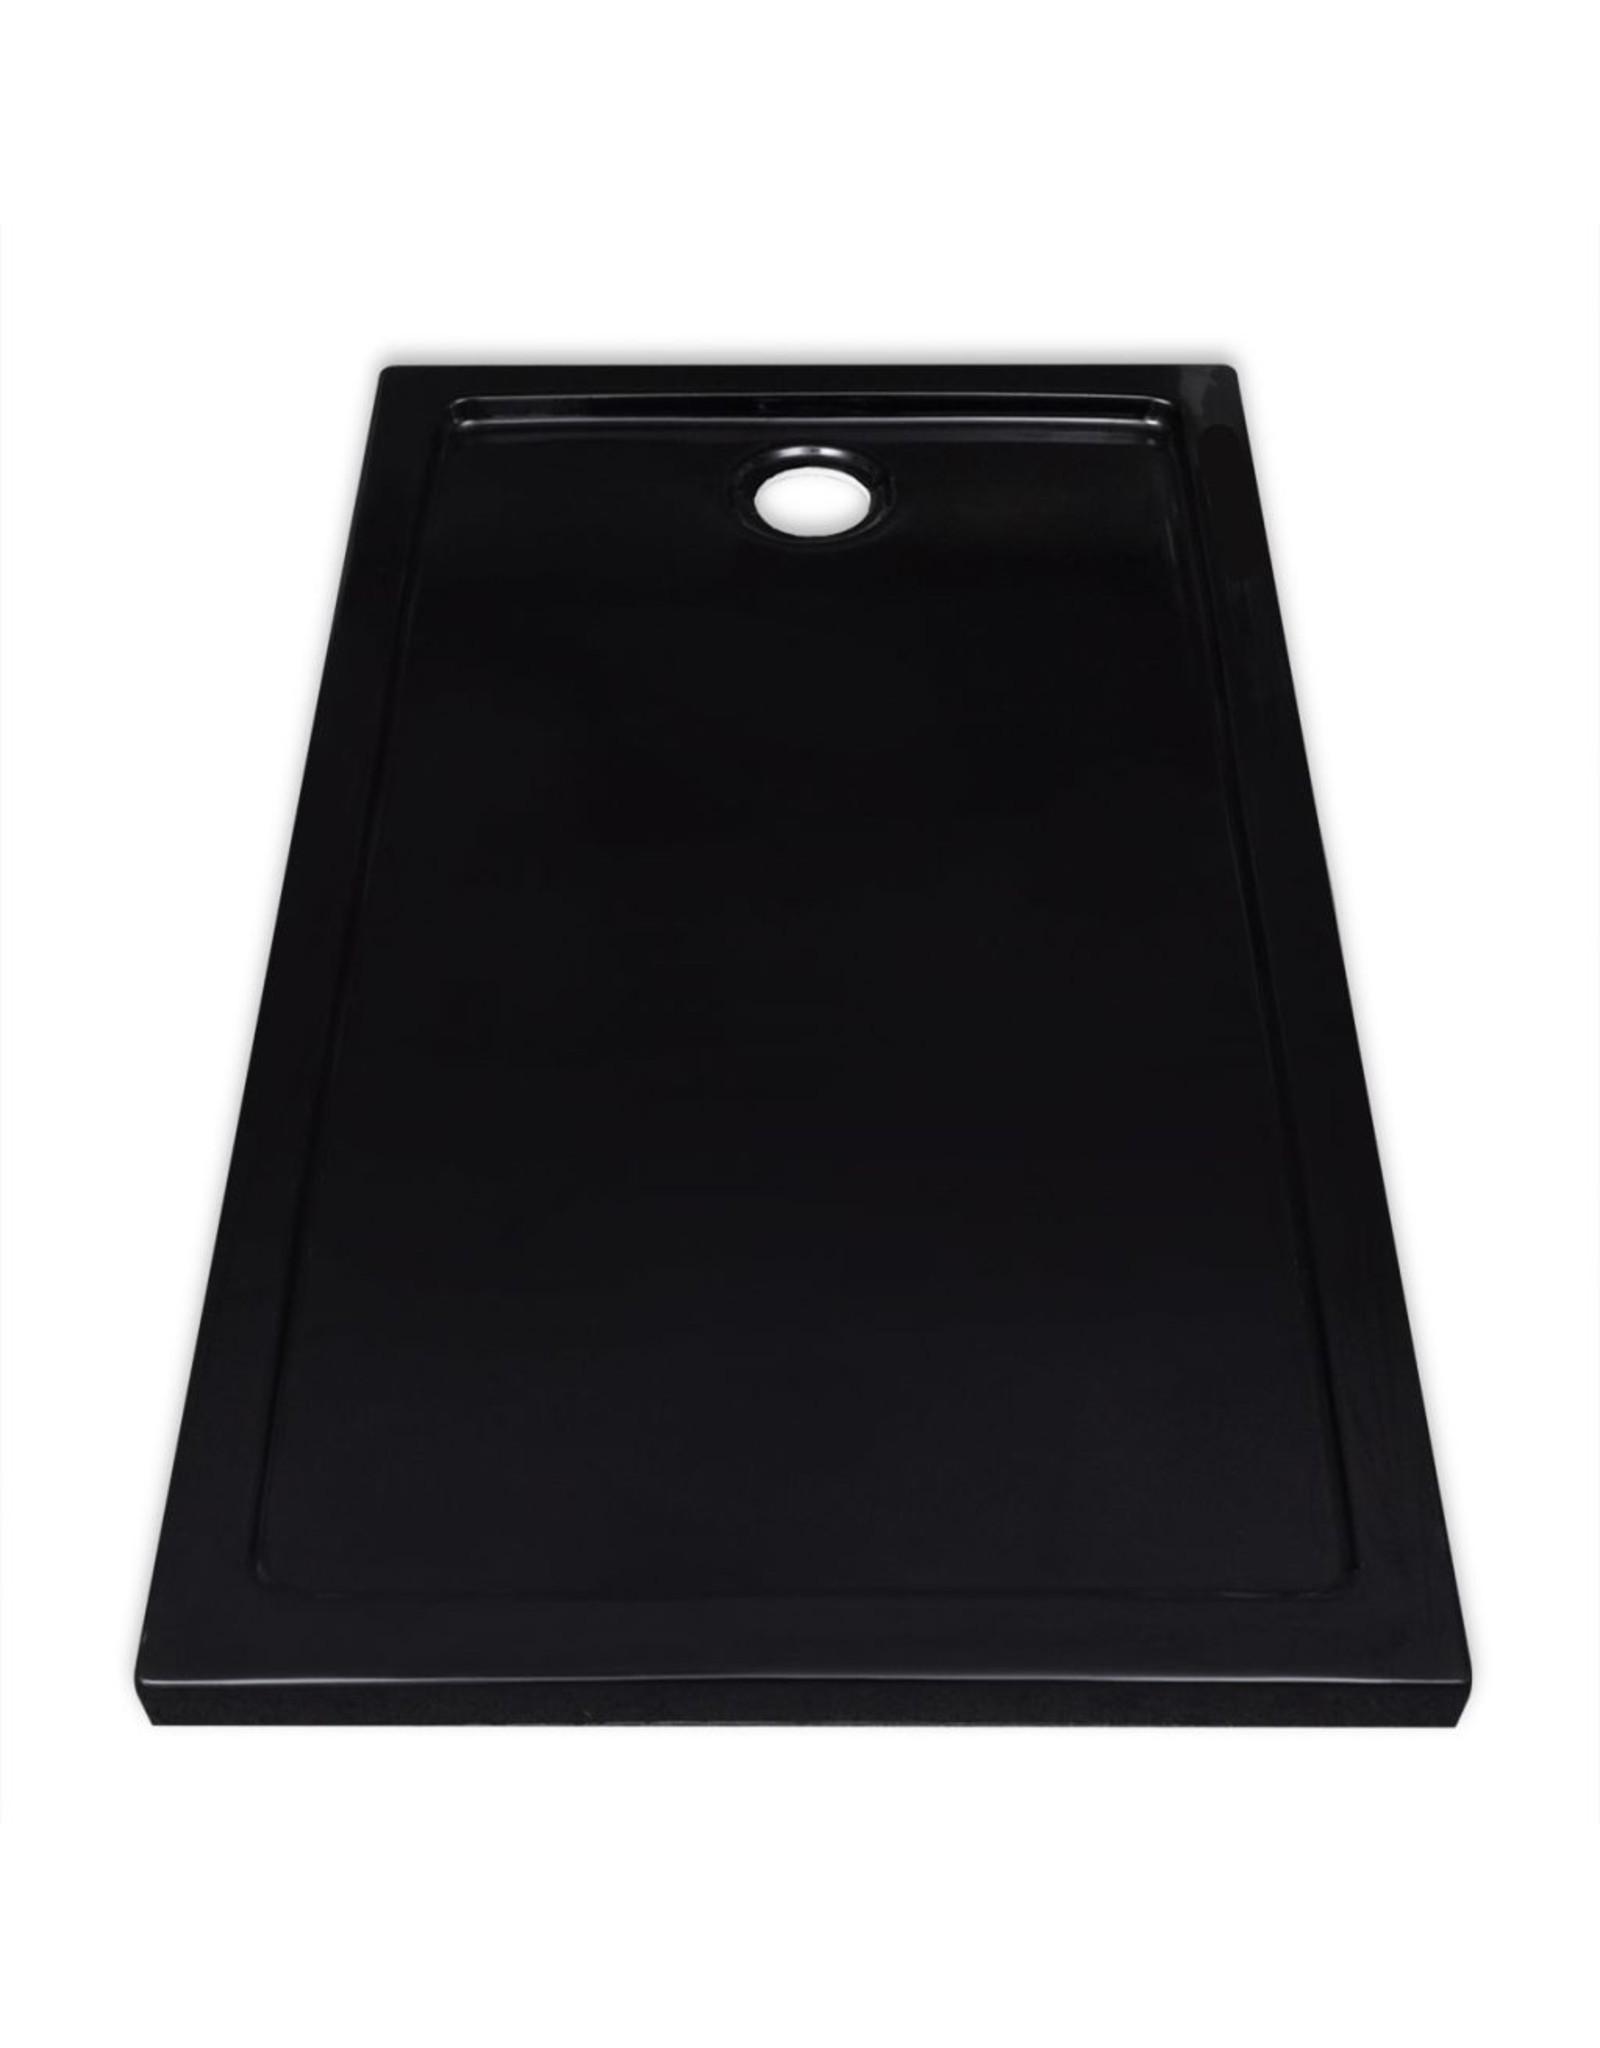 Douchebak rechthoekig 70x120 cm ABS wit